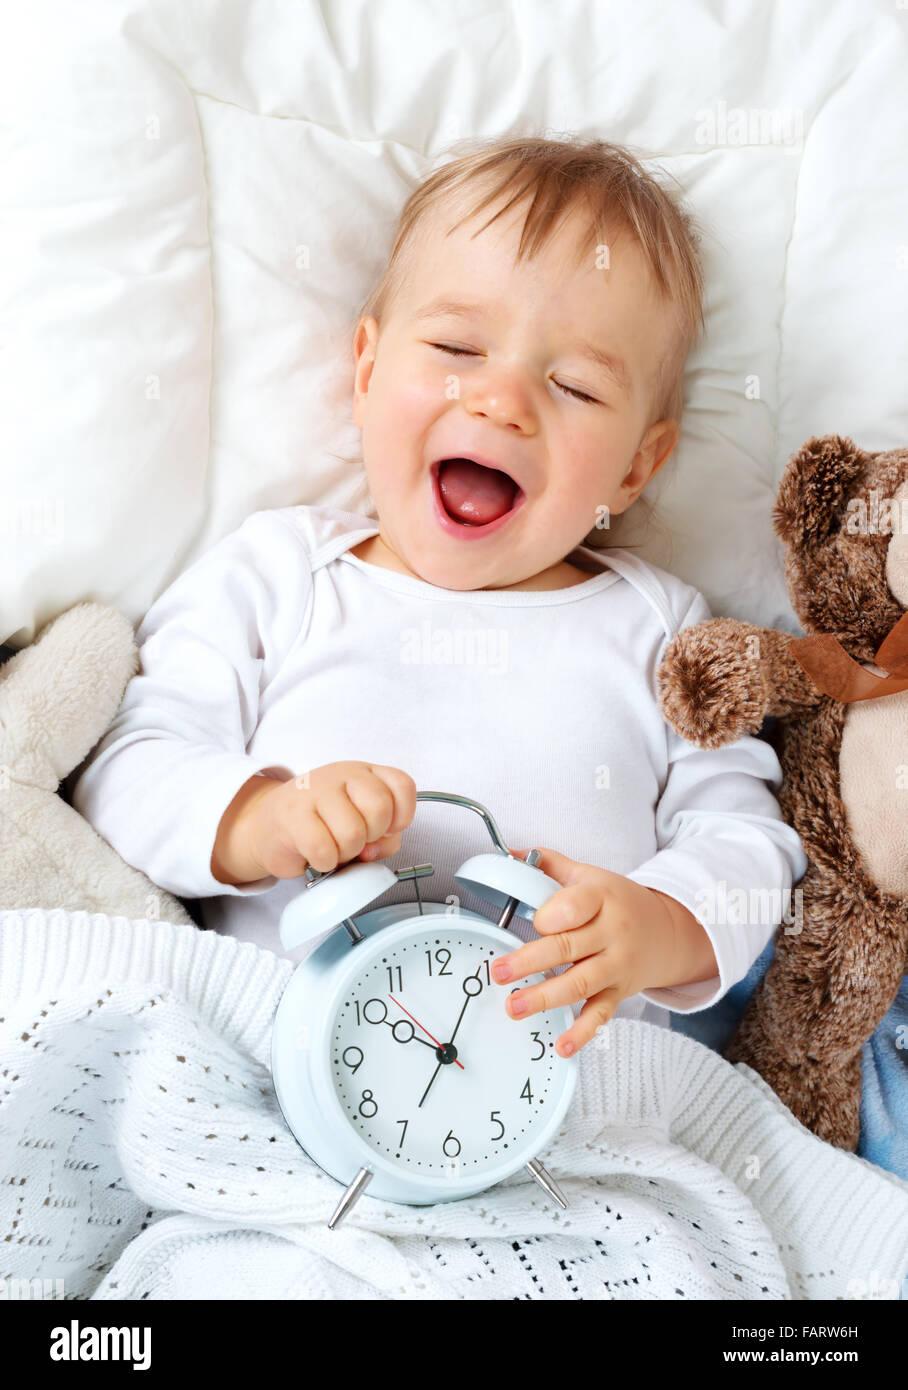 Um ano de idade bebé com relógio de alarme Imagens de Stock